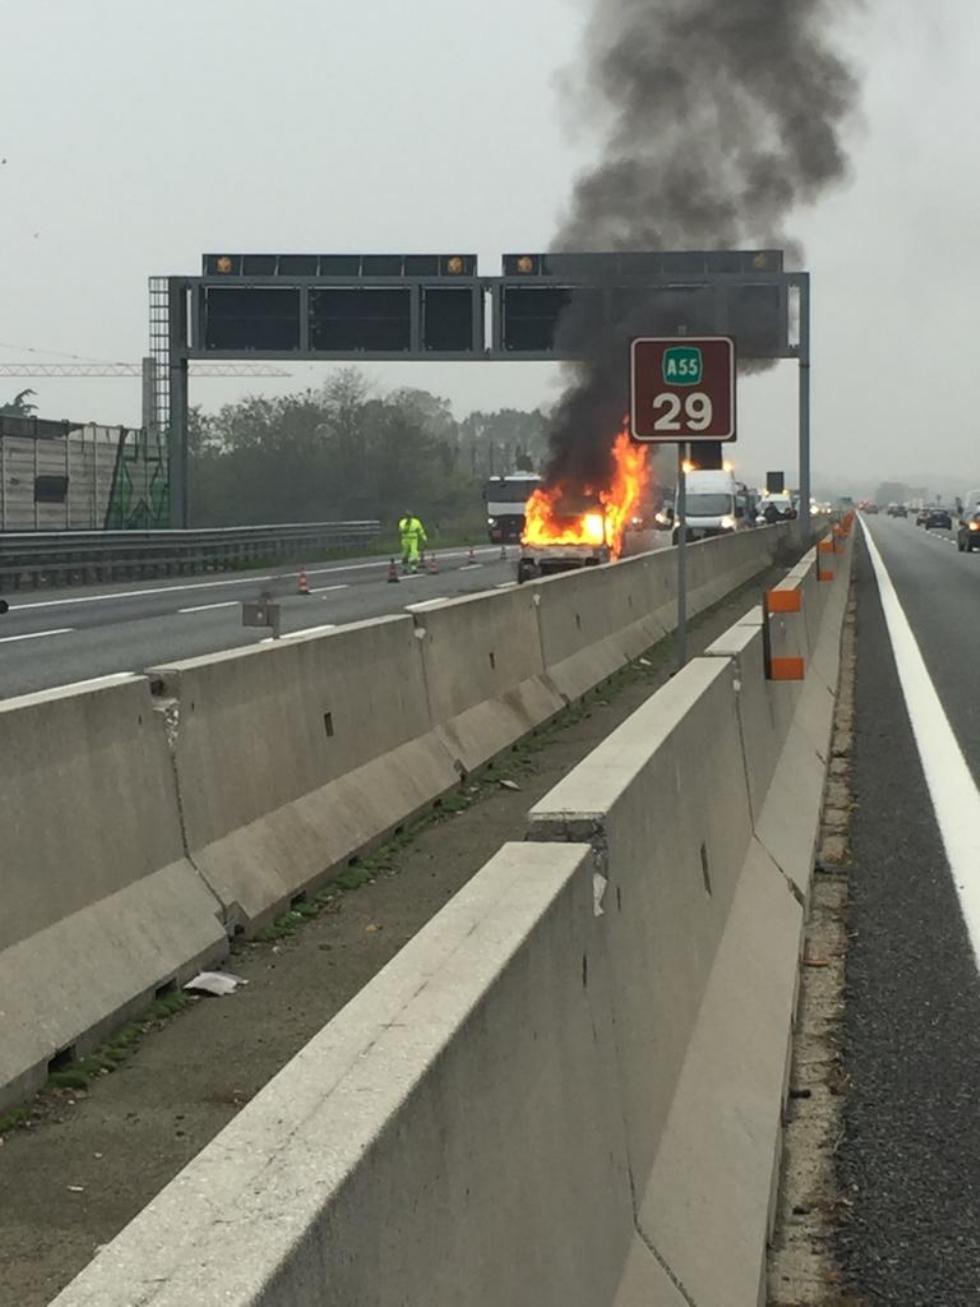 RIVOLI - Auto a gpl a fuoco mentre è in marcia in tangenziale: conducente salvo per miracolo